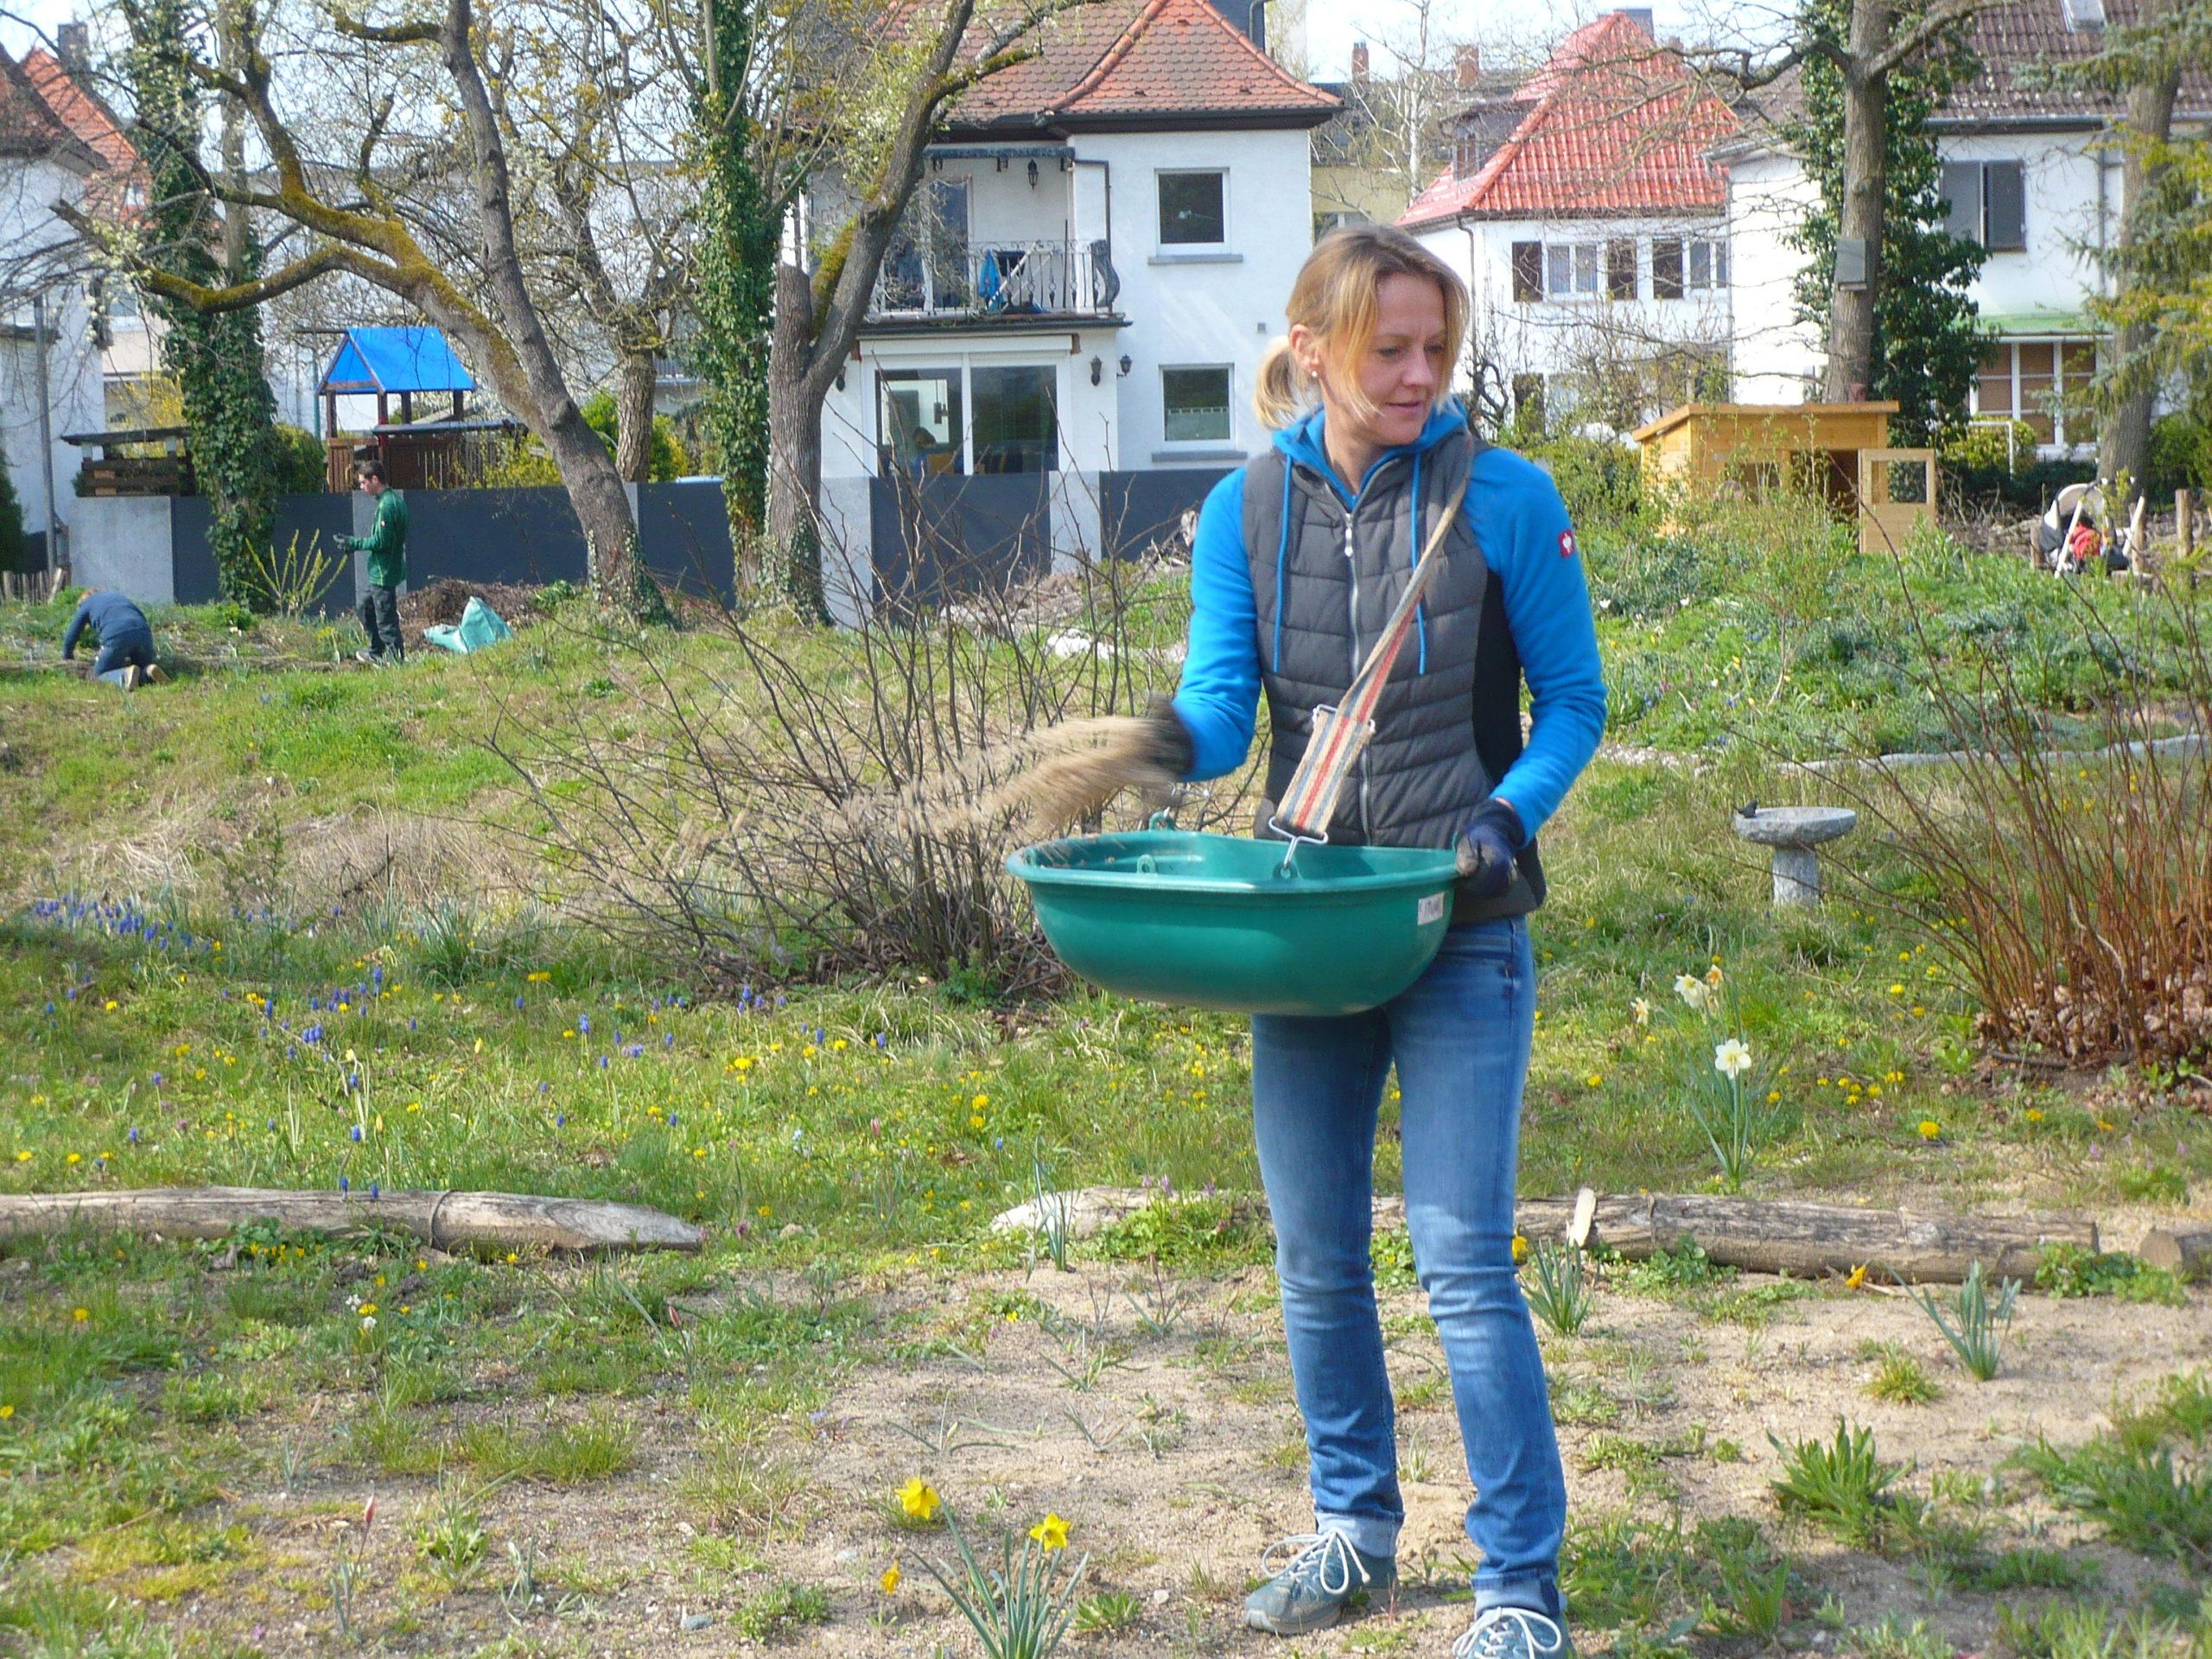 Biotop: Mini-Arbeitseinsatz wegen Corona-Pandemie / Wildbienen-Seminar für Kids verschoben…